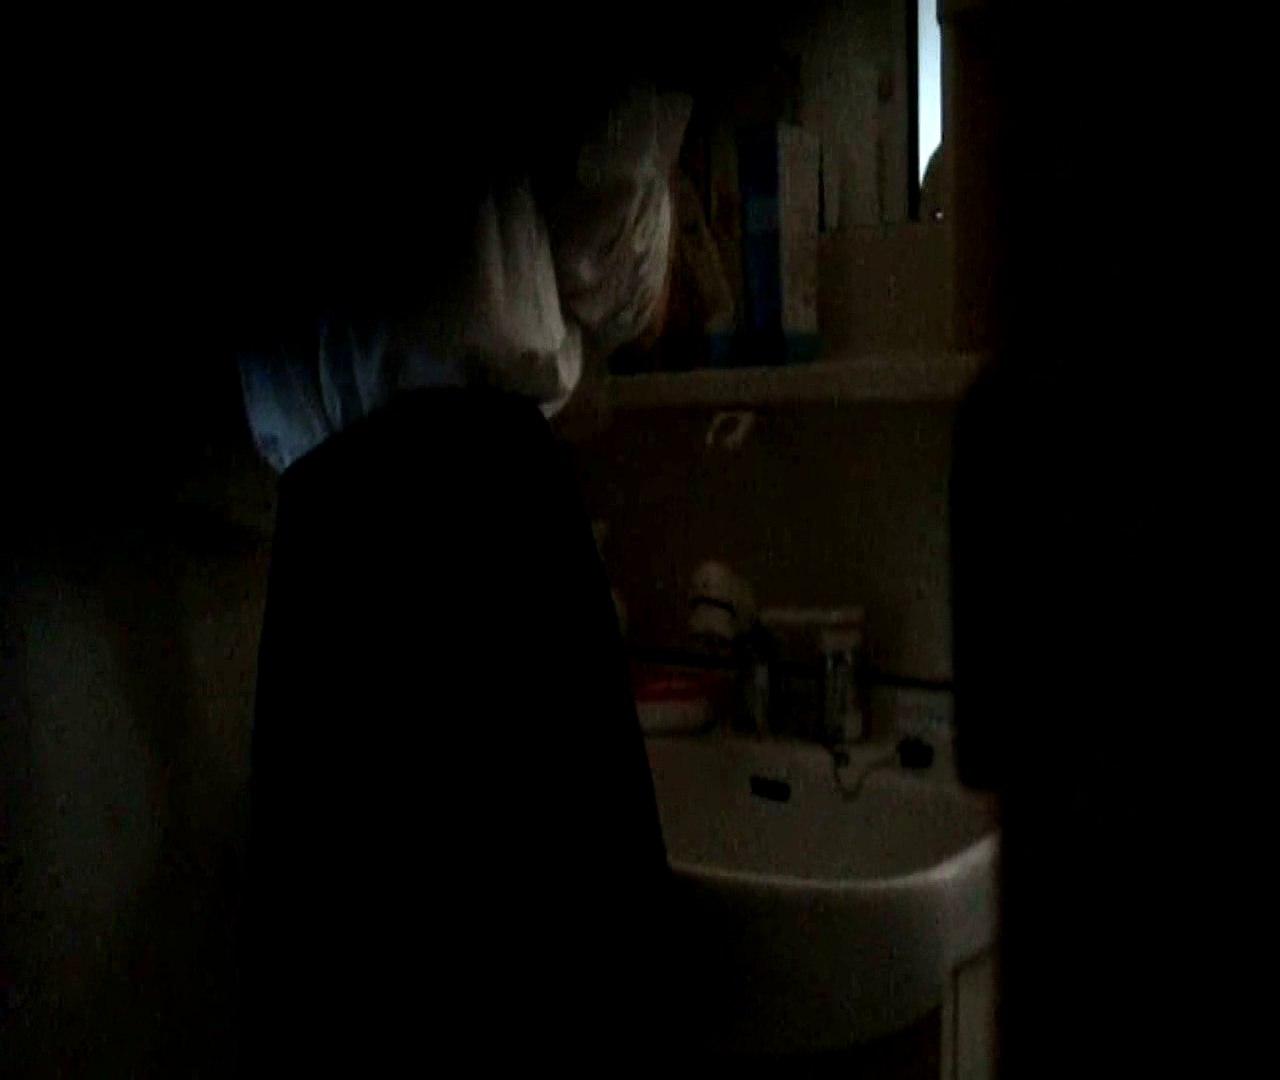 二人とも育てた甲斐がありました… vol.05 まどかが洗顔後にブラを洗濯 美しいOLの裸体 | 0  102pic 31